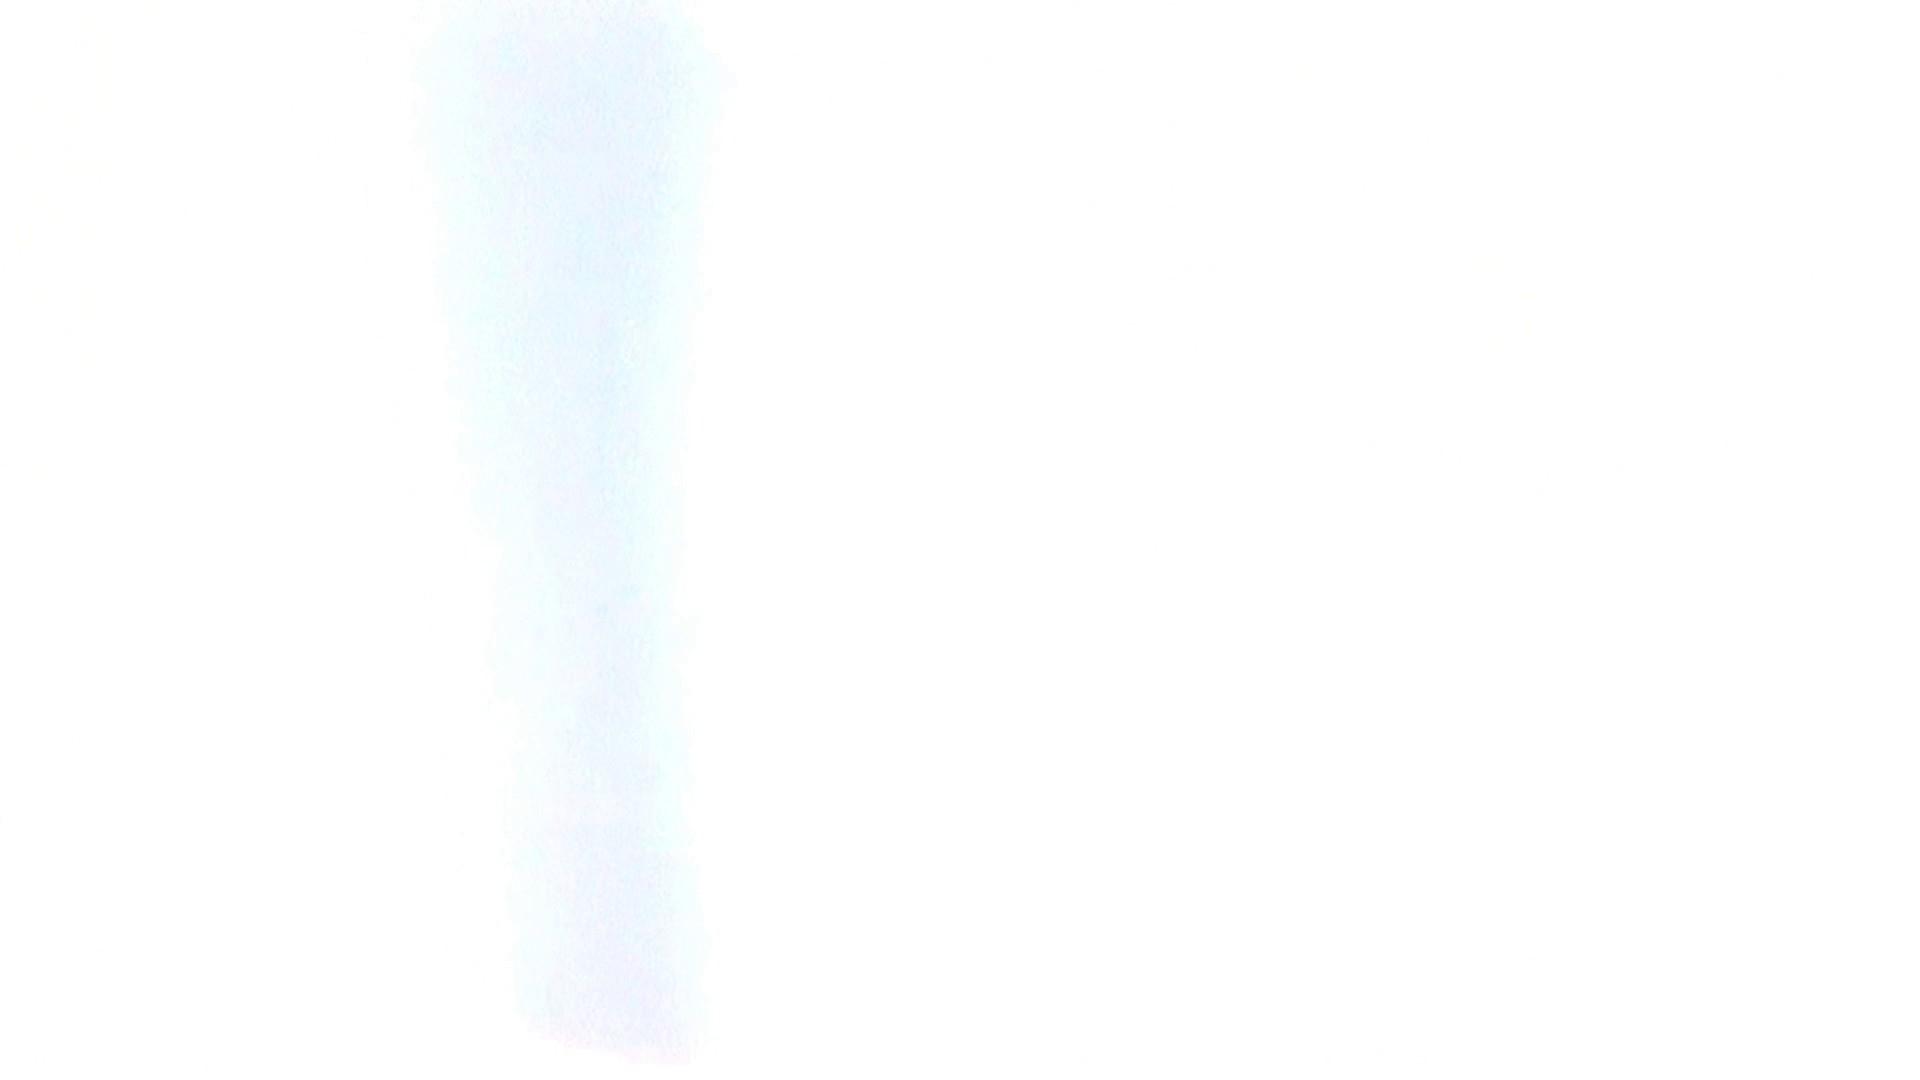 ※100個限定販売 至高下半身盗撮 プレミアム Vol.13 ハイビジョン 期間限定 盗撮われめAV動画紹介 61pic 26